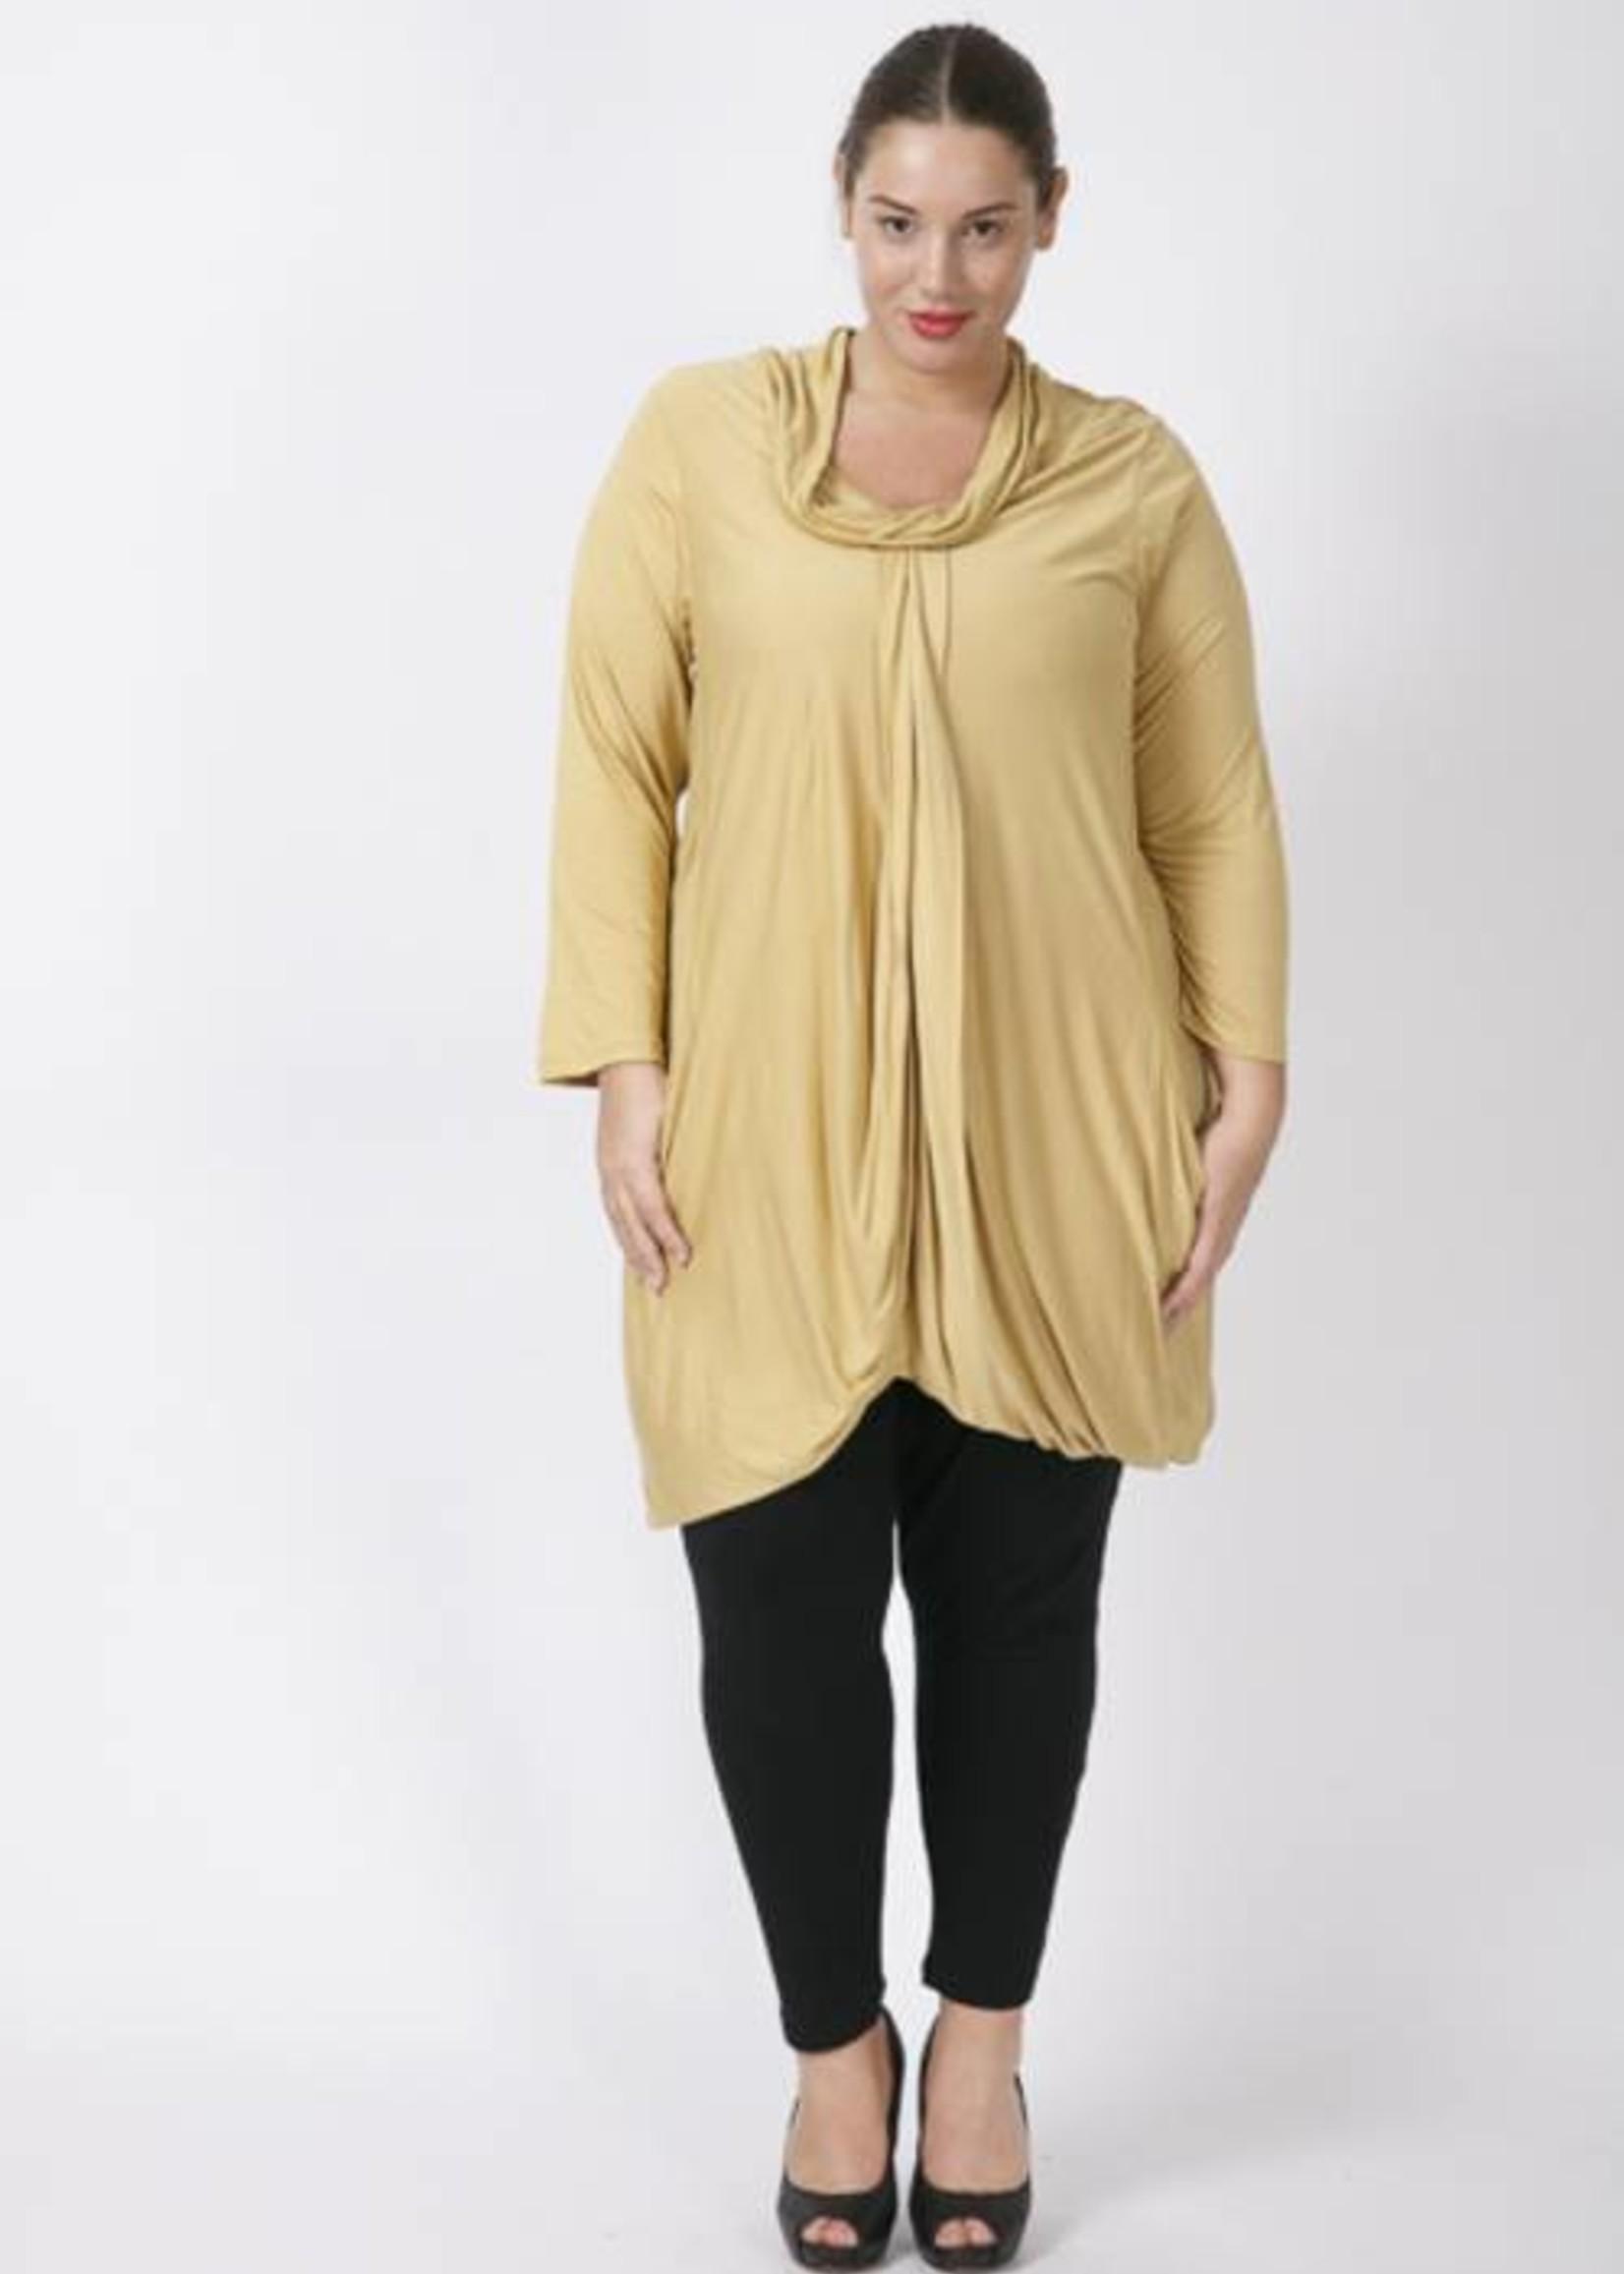 Luna Serena Shirt GINGER XL JERSEY